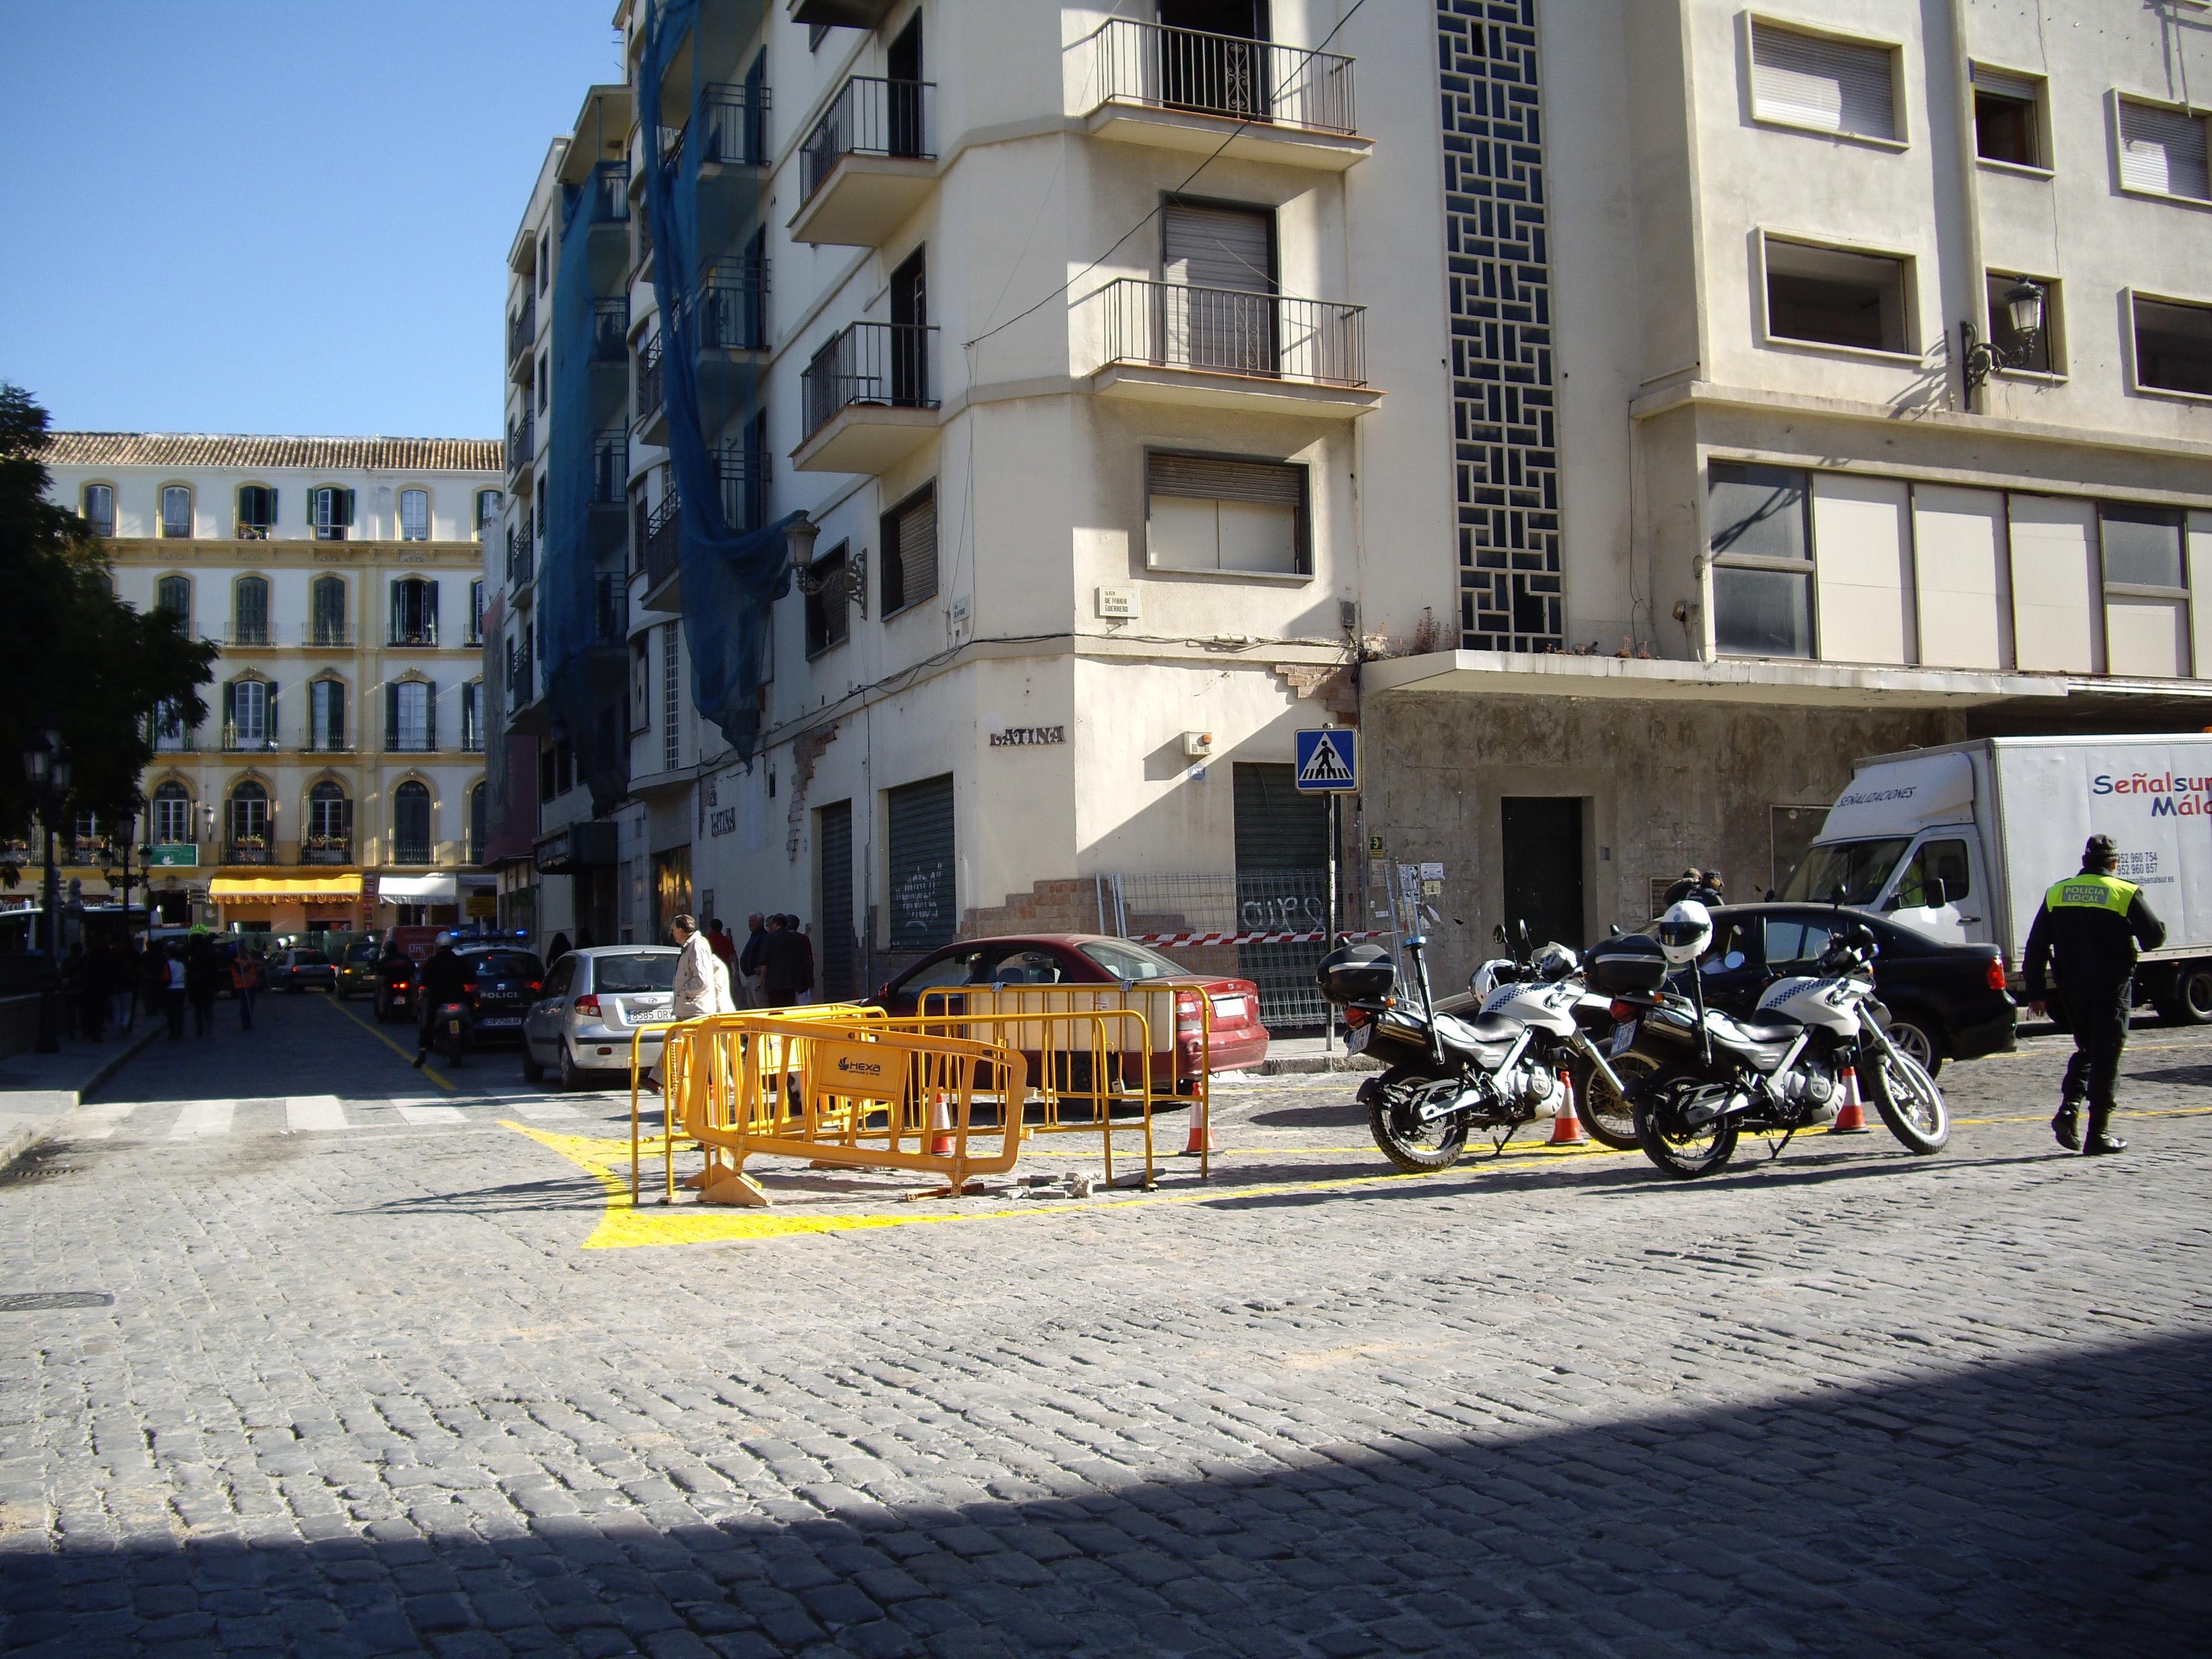 Trafico en plaza maria guerrero 23feb2011 fotos de - Telefono de trafico en malaga ...